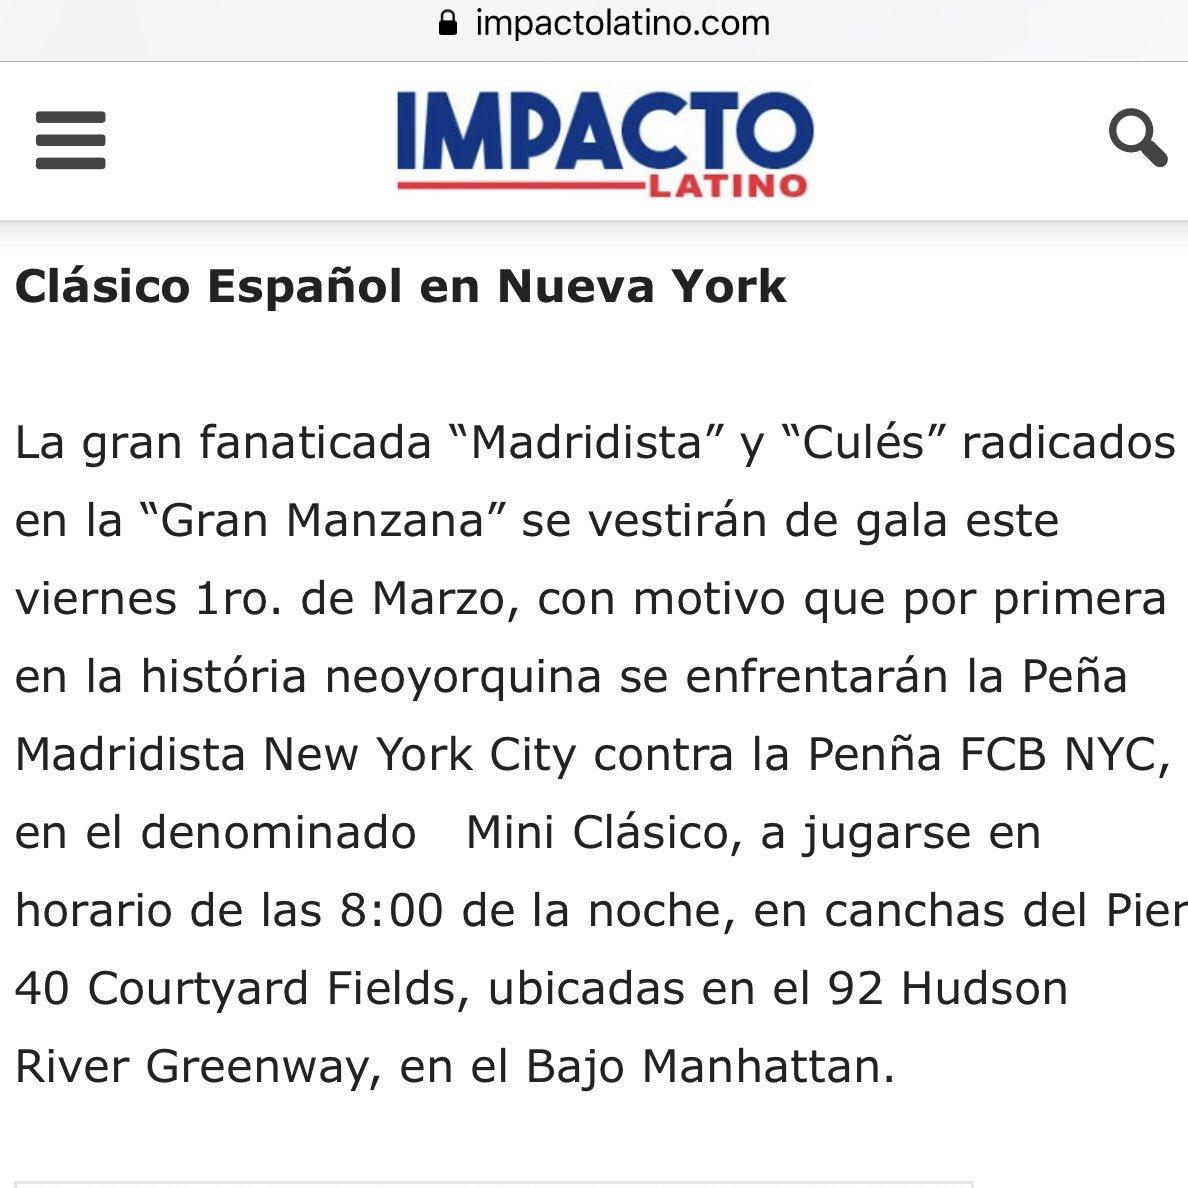 Hoy también es día de Clásico... NYC MINI CLÁSICO! #MadridistasNYC vs @FCBarcelona_NYC ¡Vamos!